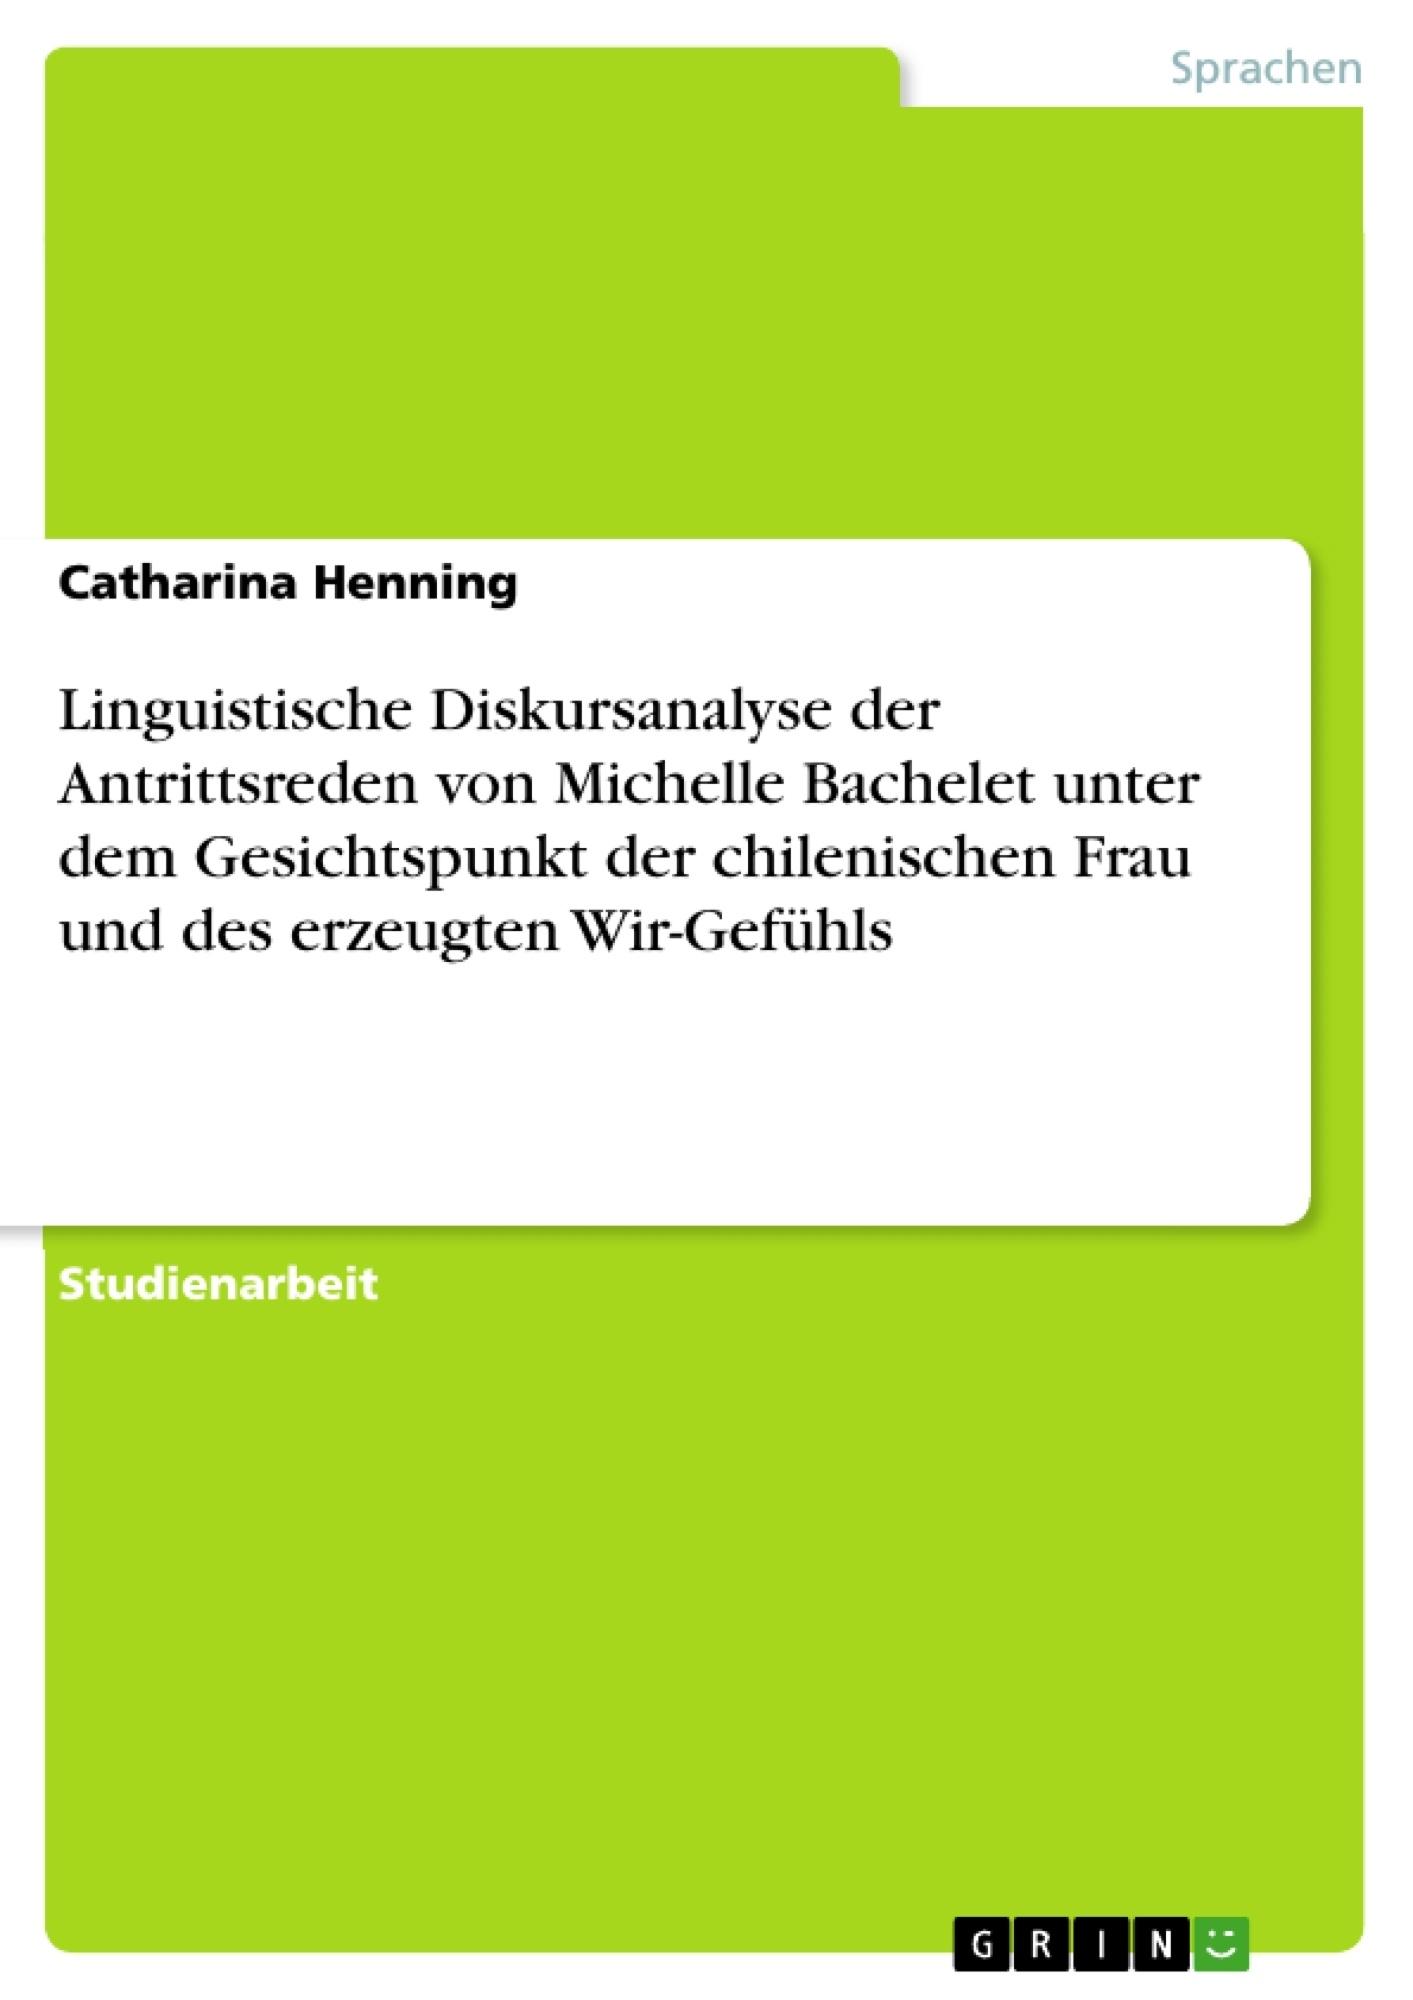 Titel: Linguistische Diskursanalyse der Antrittsreden von Michelle Bachelet unter dem Gesichtspunkt der chilenischen Frau und des erzeugten Wir-Gefühls